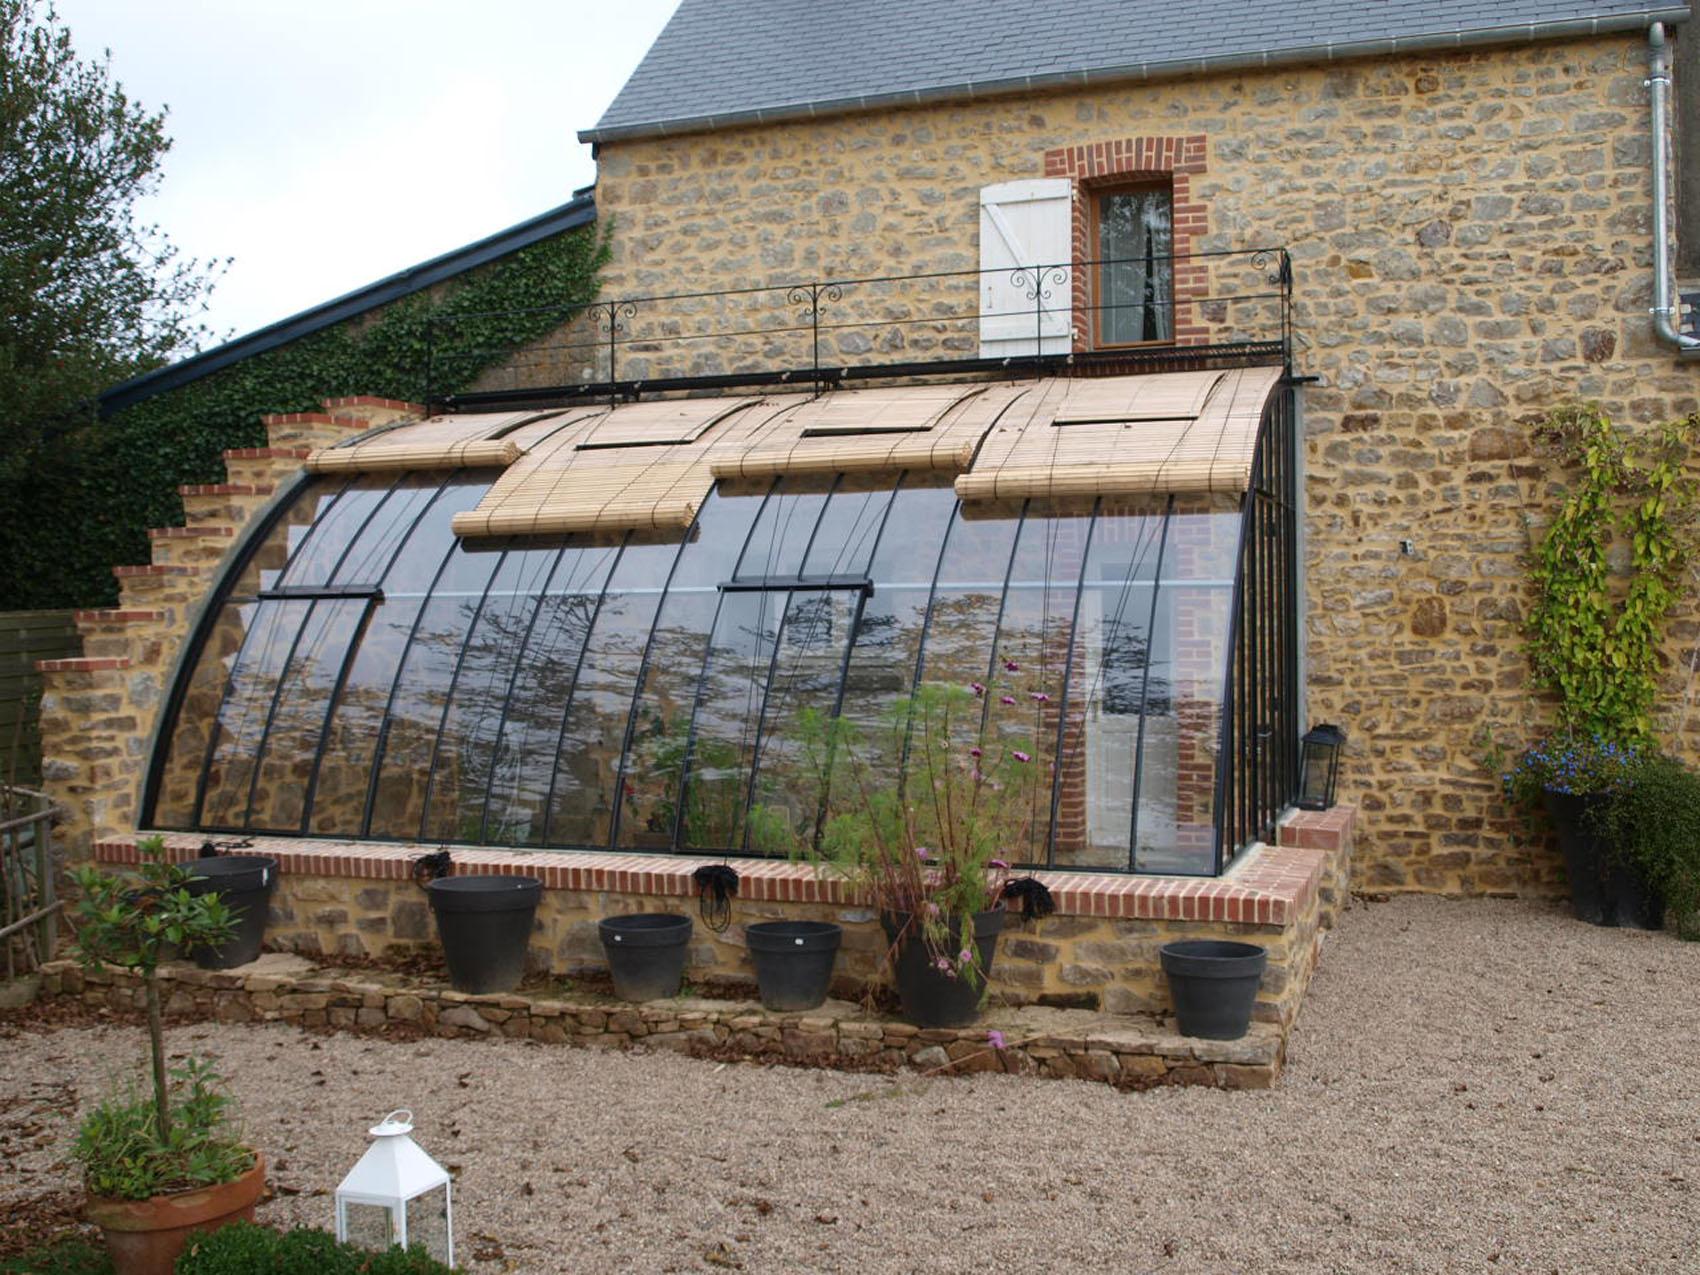 Lean-To Greenhouses   Serres Et Ferronneries D'antan tout Serres Adossées